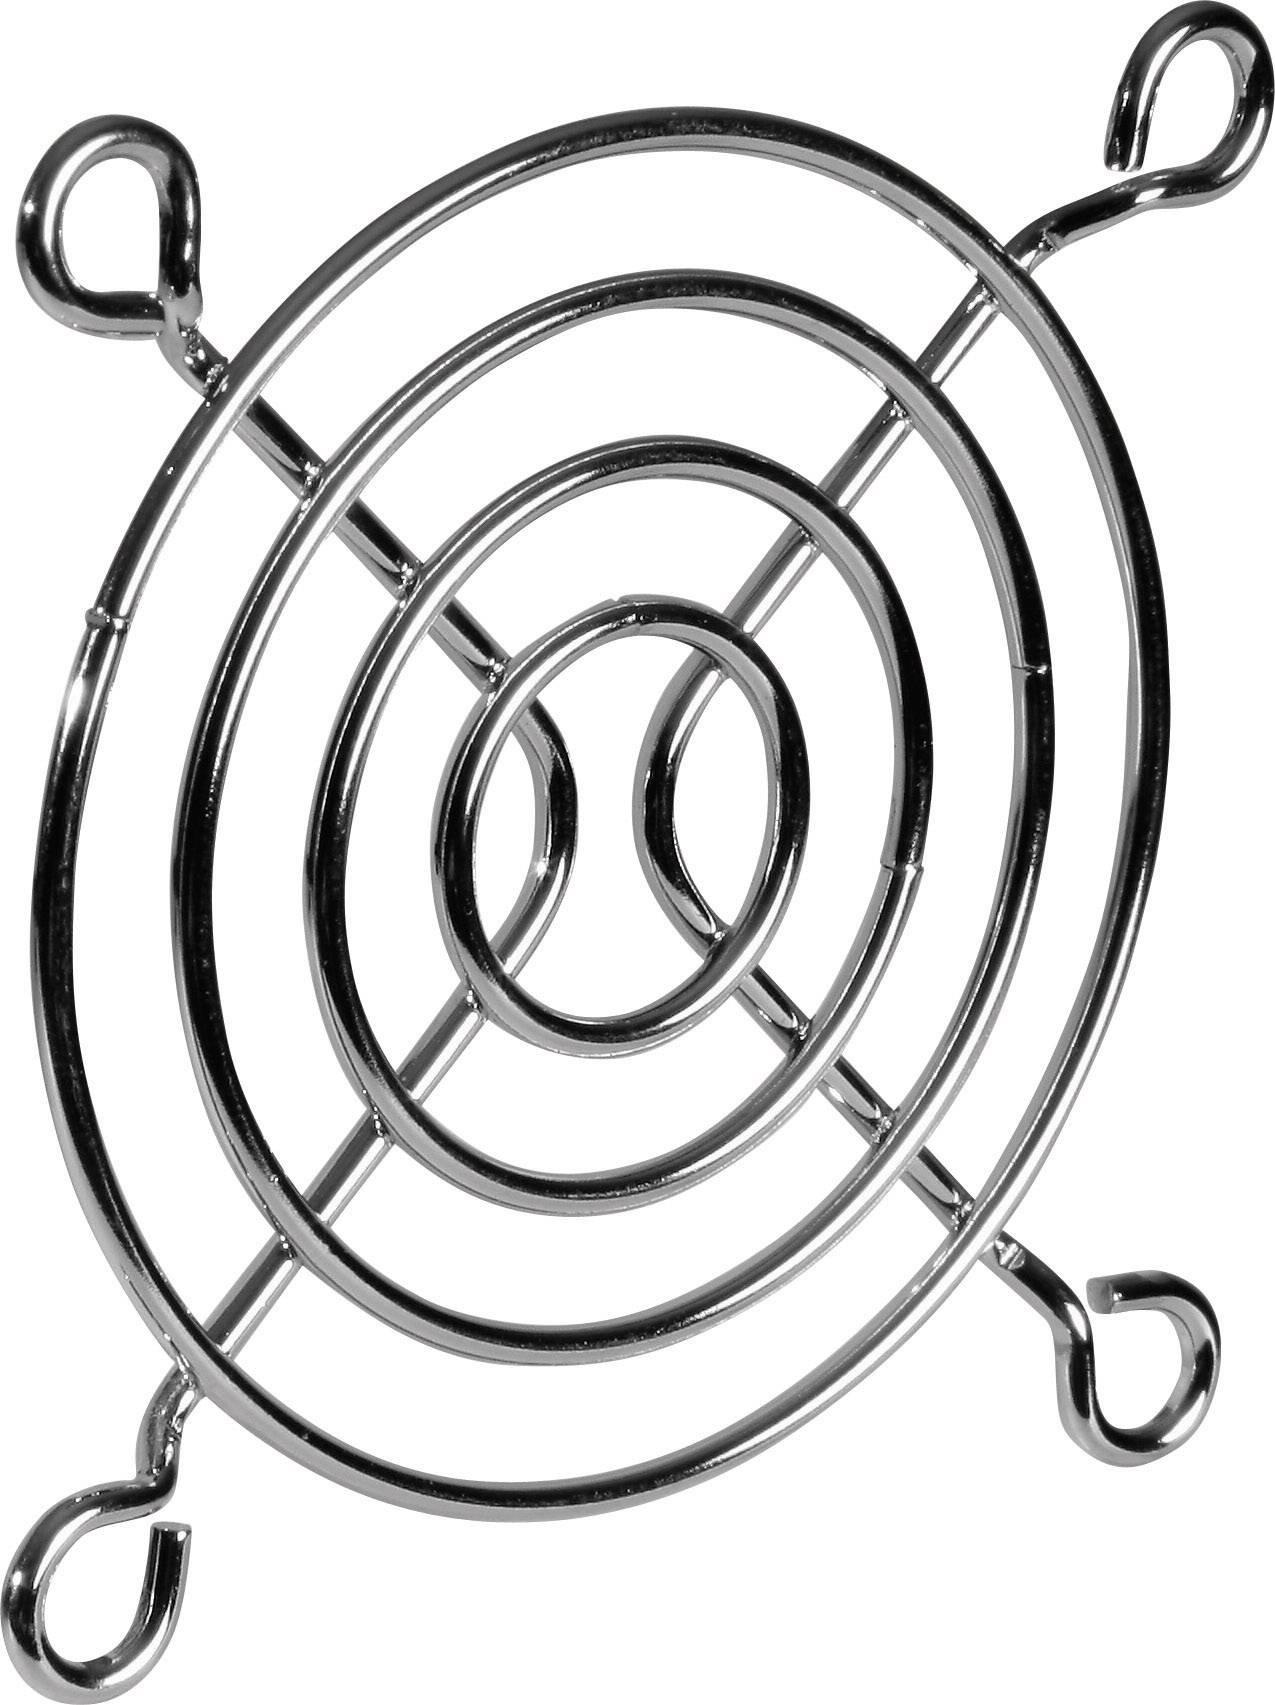 Vetracia mriežka SEPA;919210000, (š x v) 92 mm x 92 mm, 1 ks, oceľ, pochrómovaný